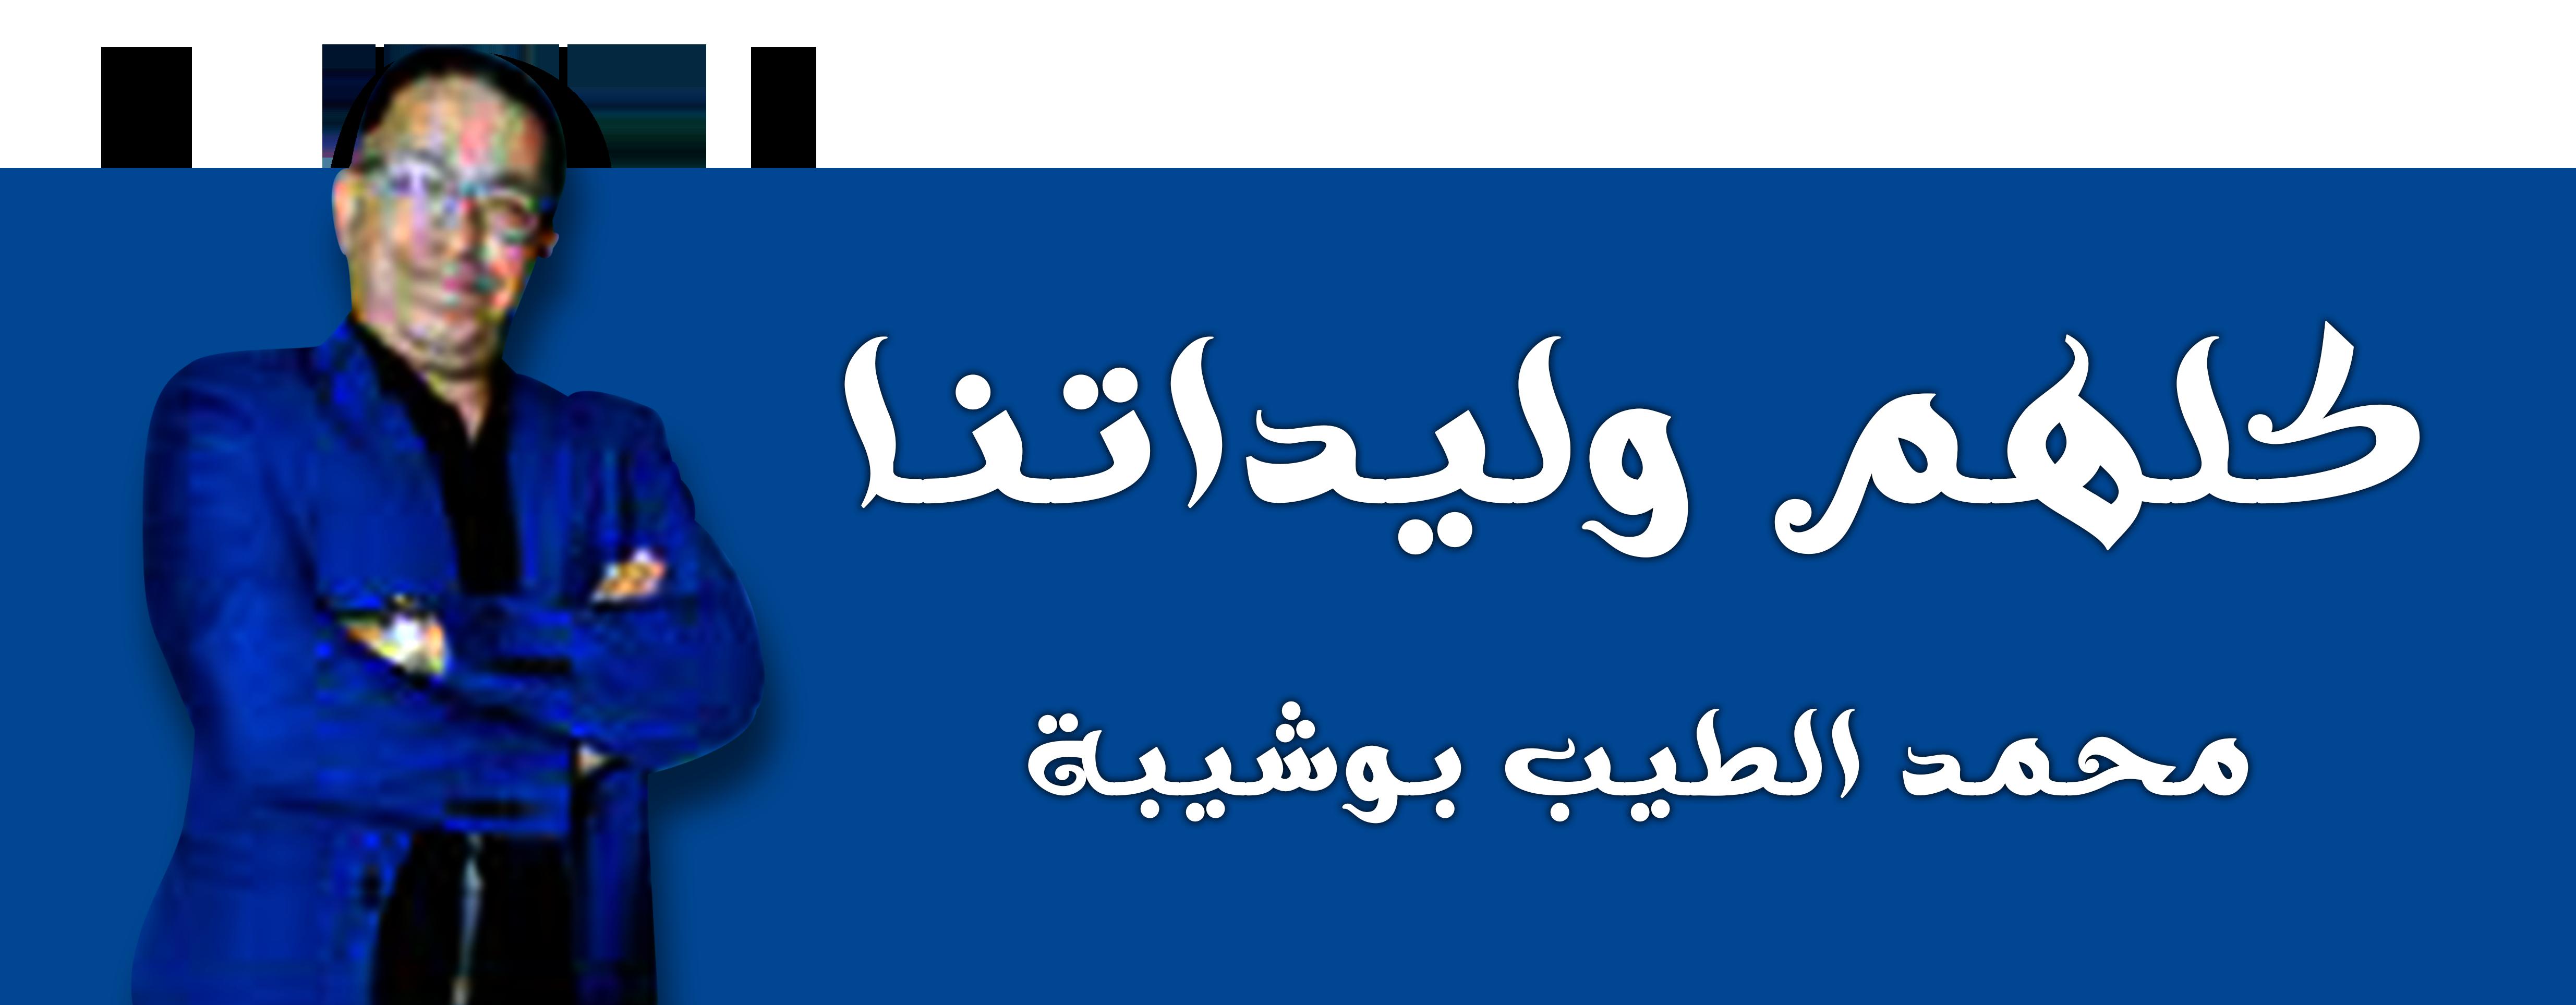 كلهم وليداتنا محمد الطيب بوشيبة